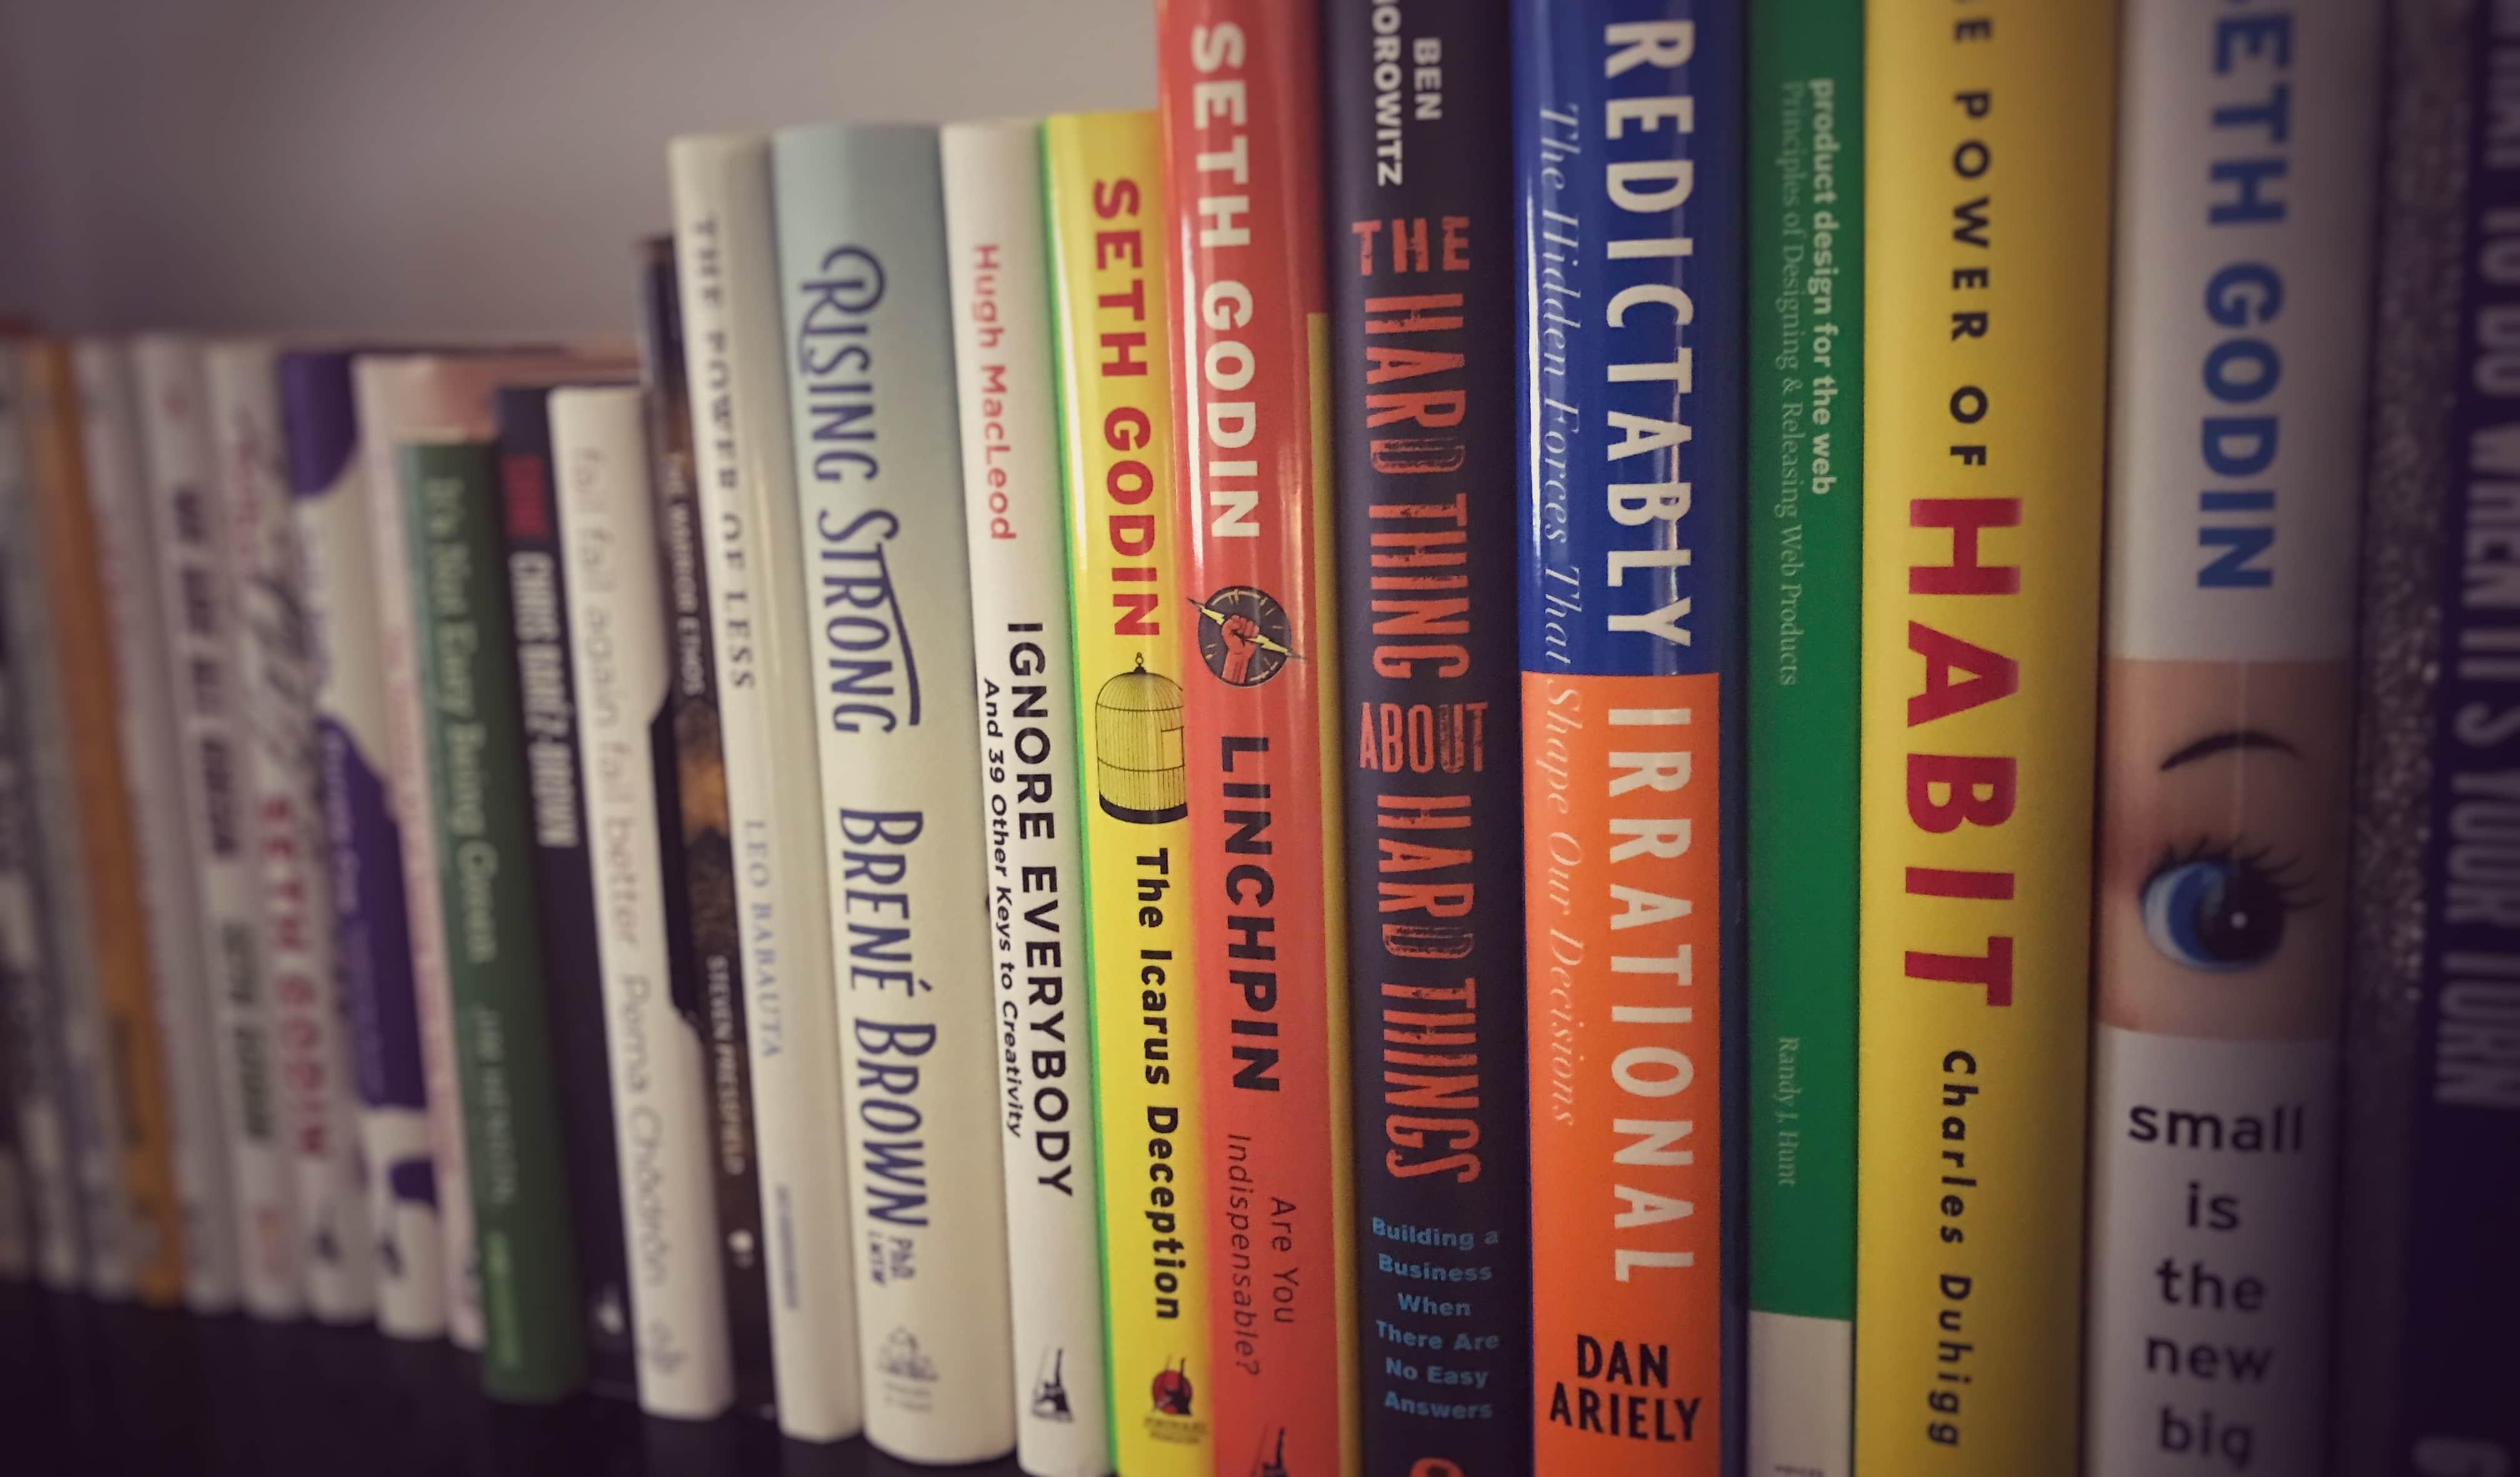 Gary's Bookshelf